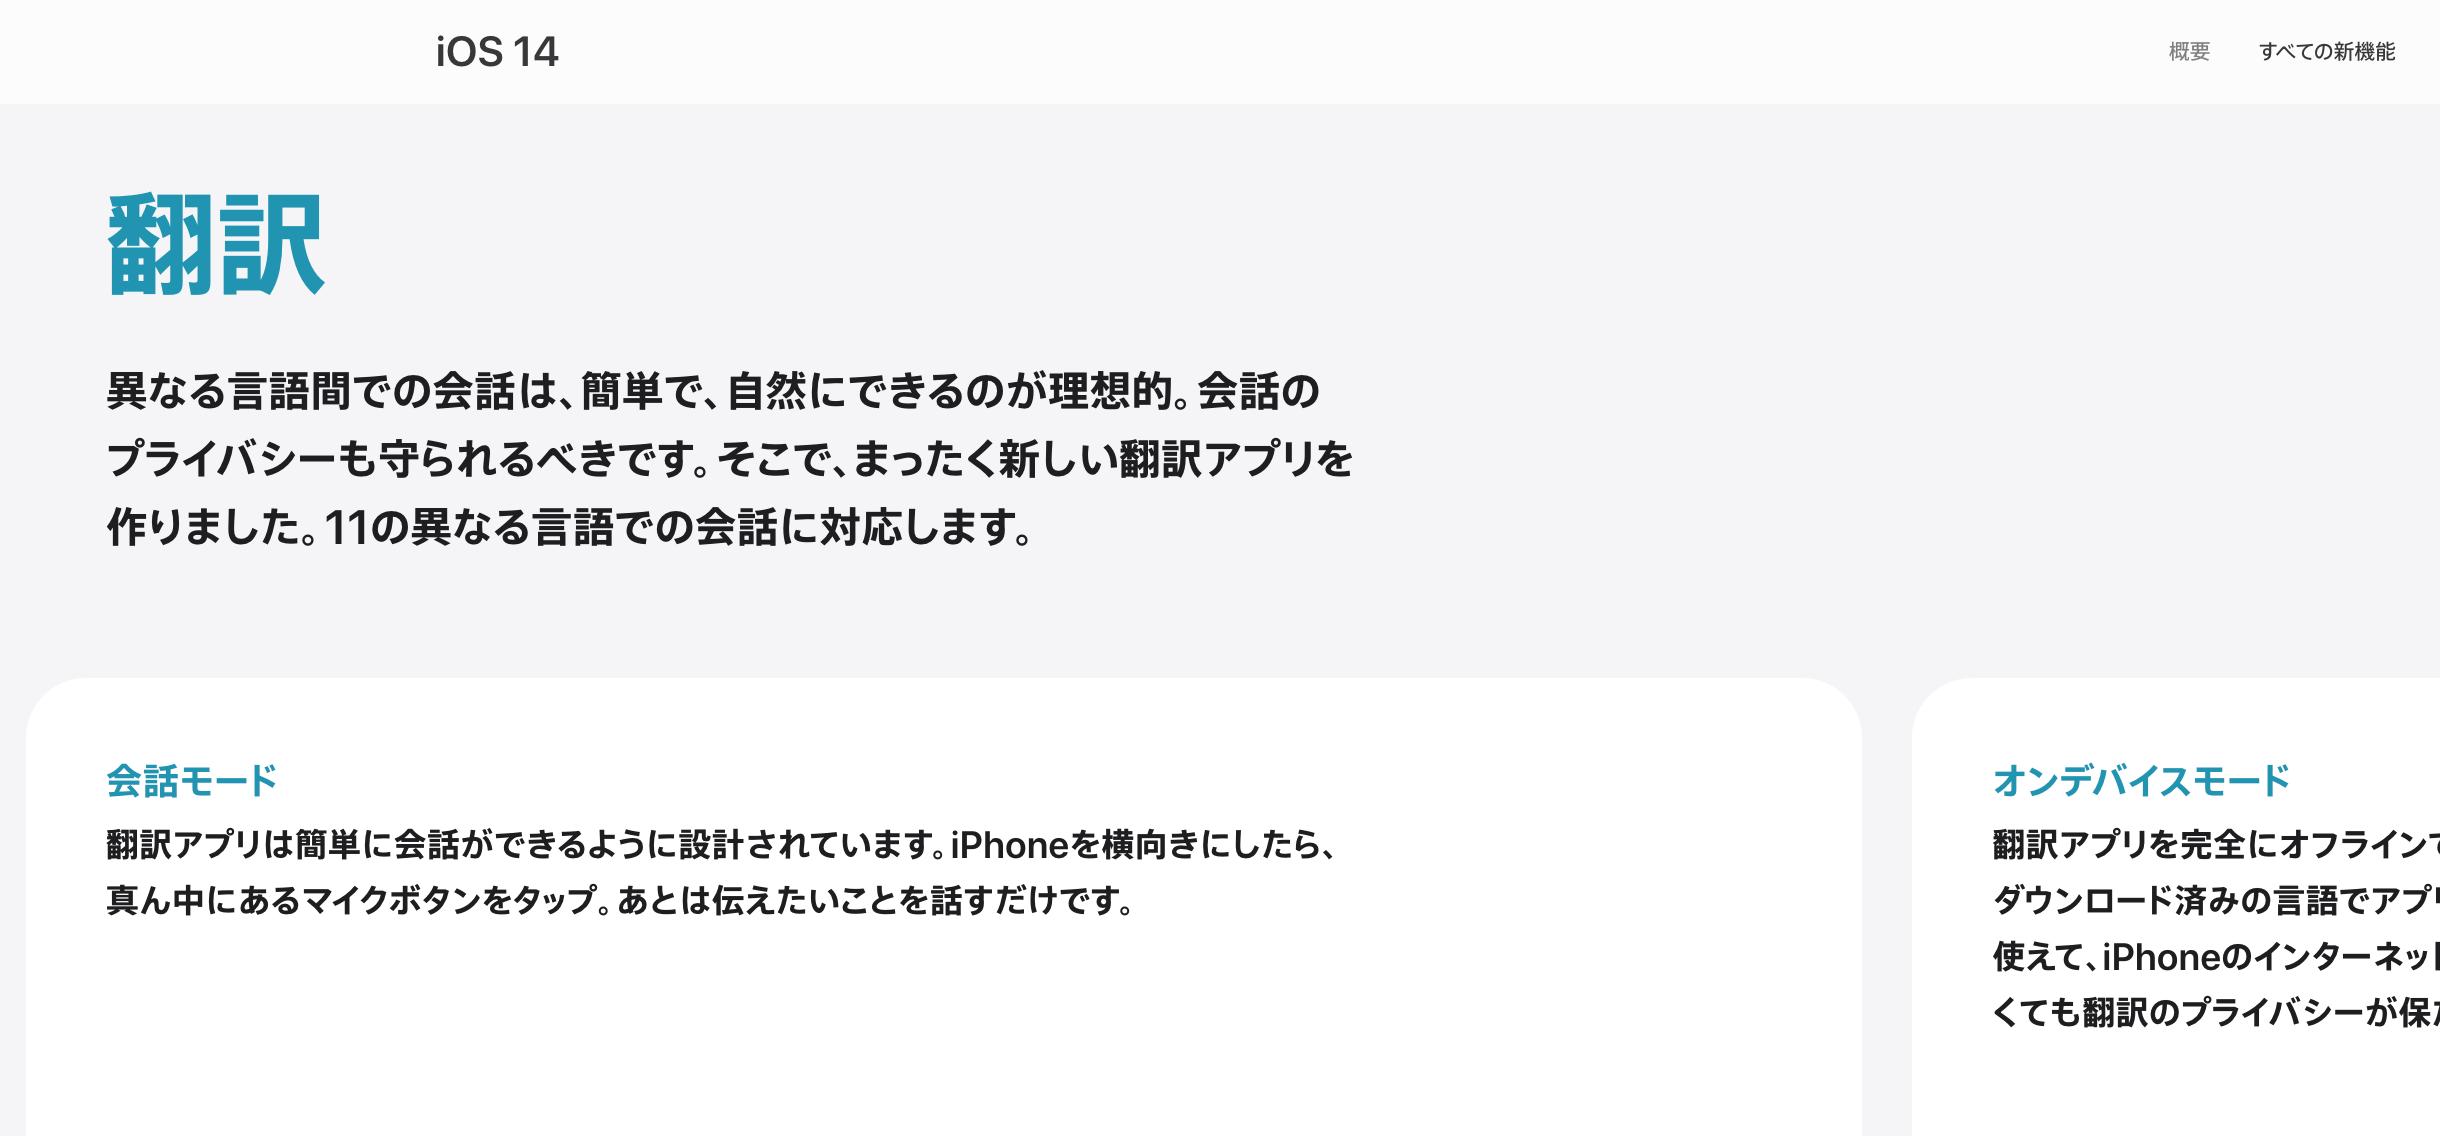 f:id:Azusa_Hirano:20200919093727p:plain